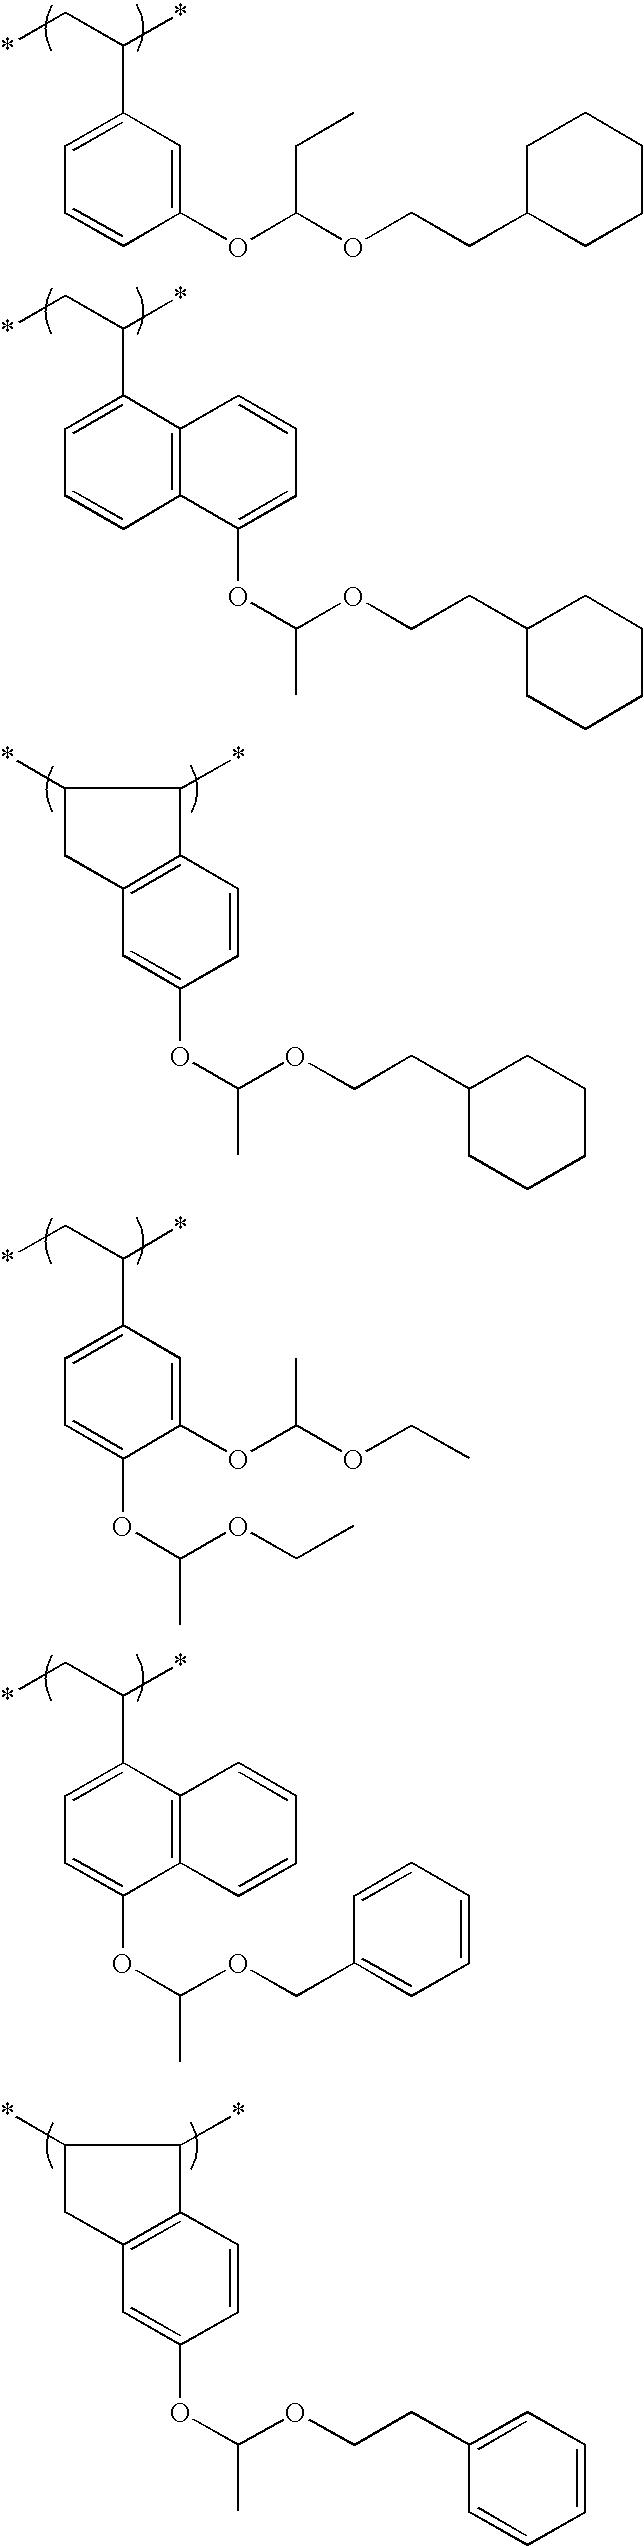 Figure US20100183975A1-20100722-C00098